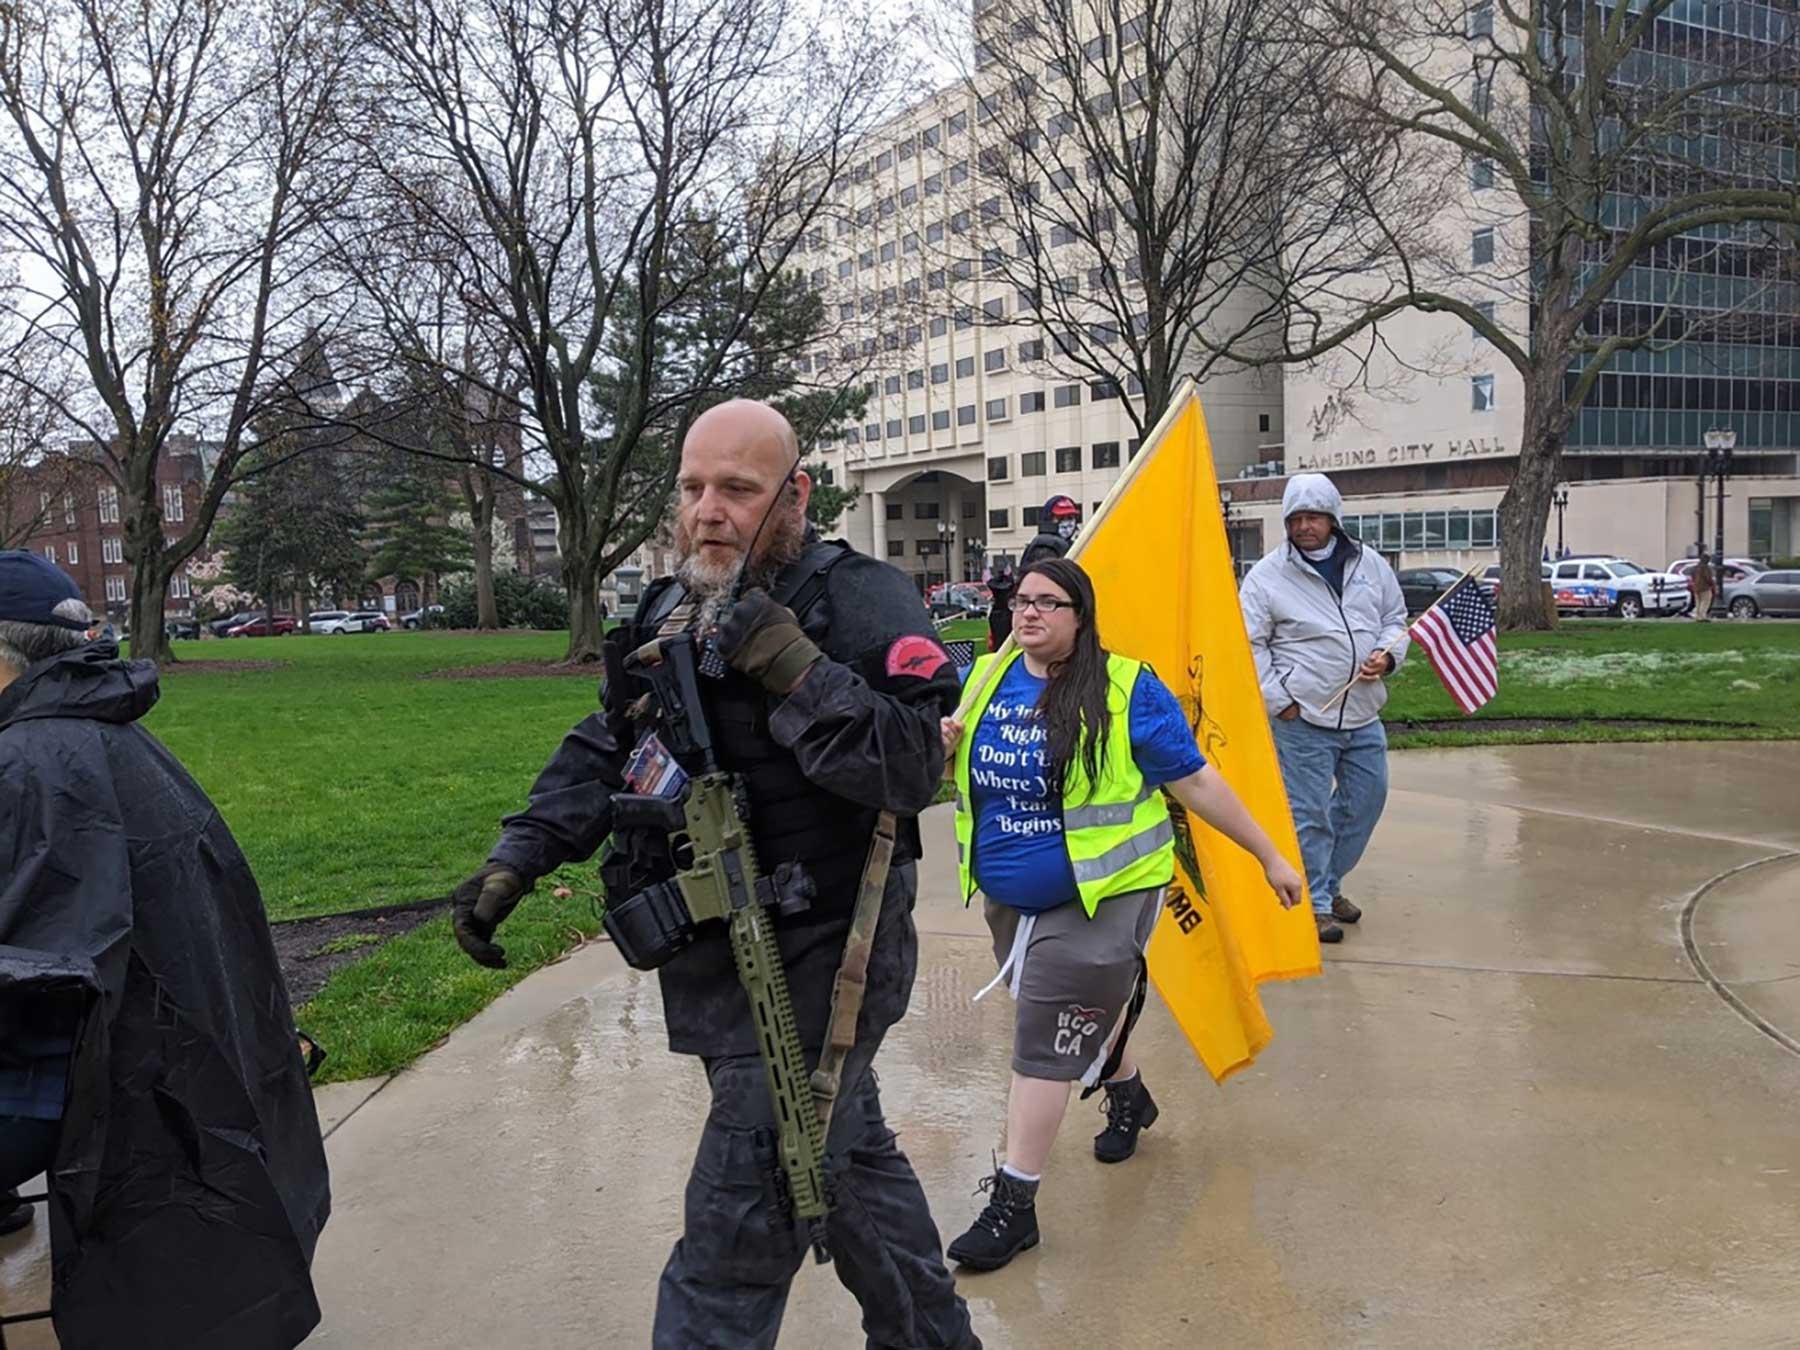 gente caminando con armas llendo al gobierno de Lansign